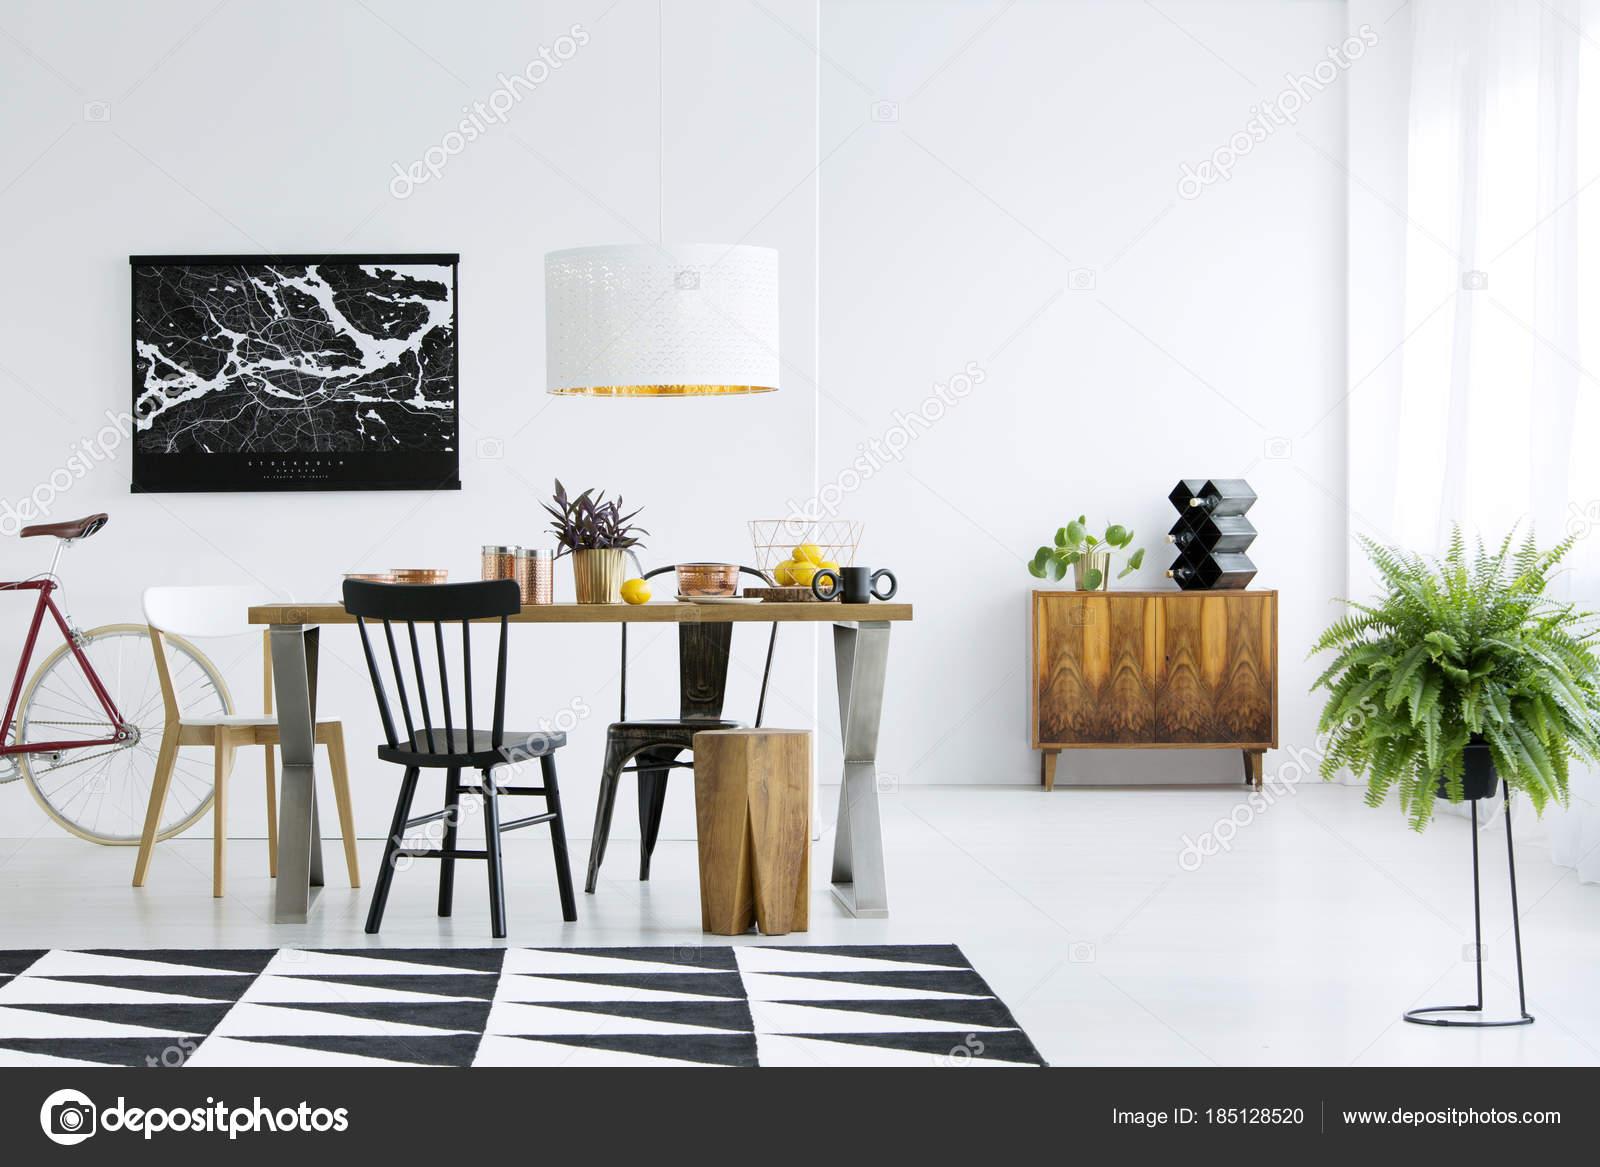 Unterschiedliche Stuhle Am Tisch Stockfoto C Photographee Eu